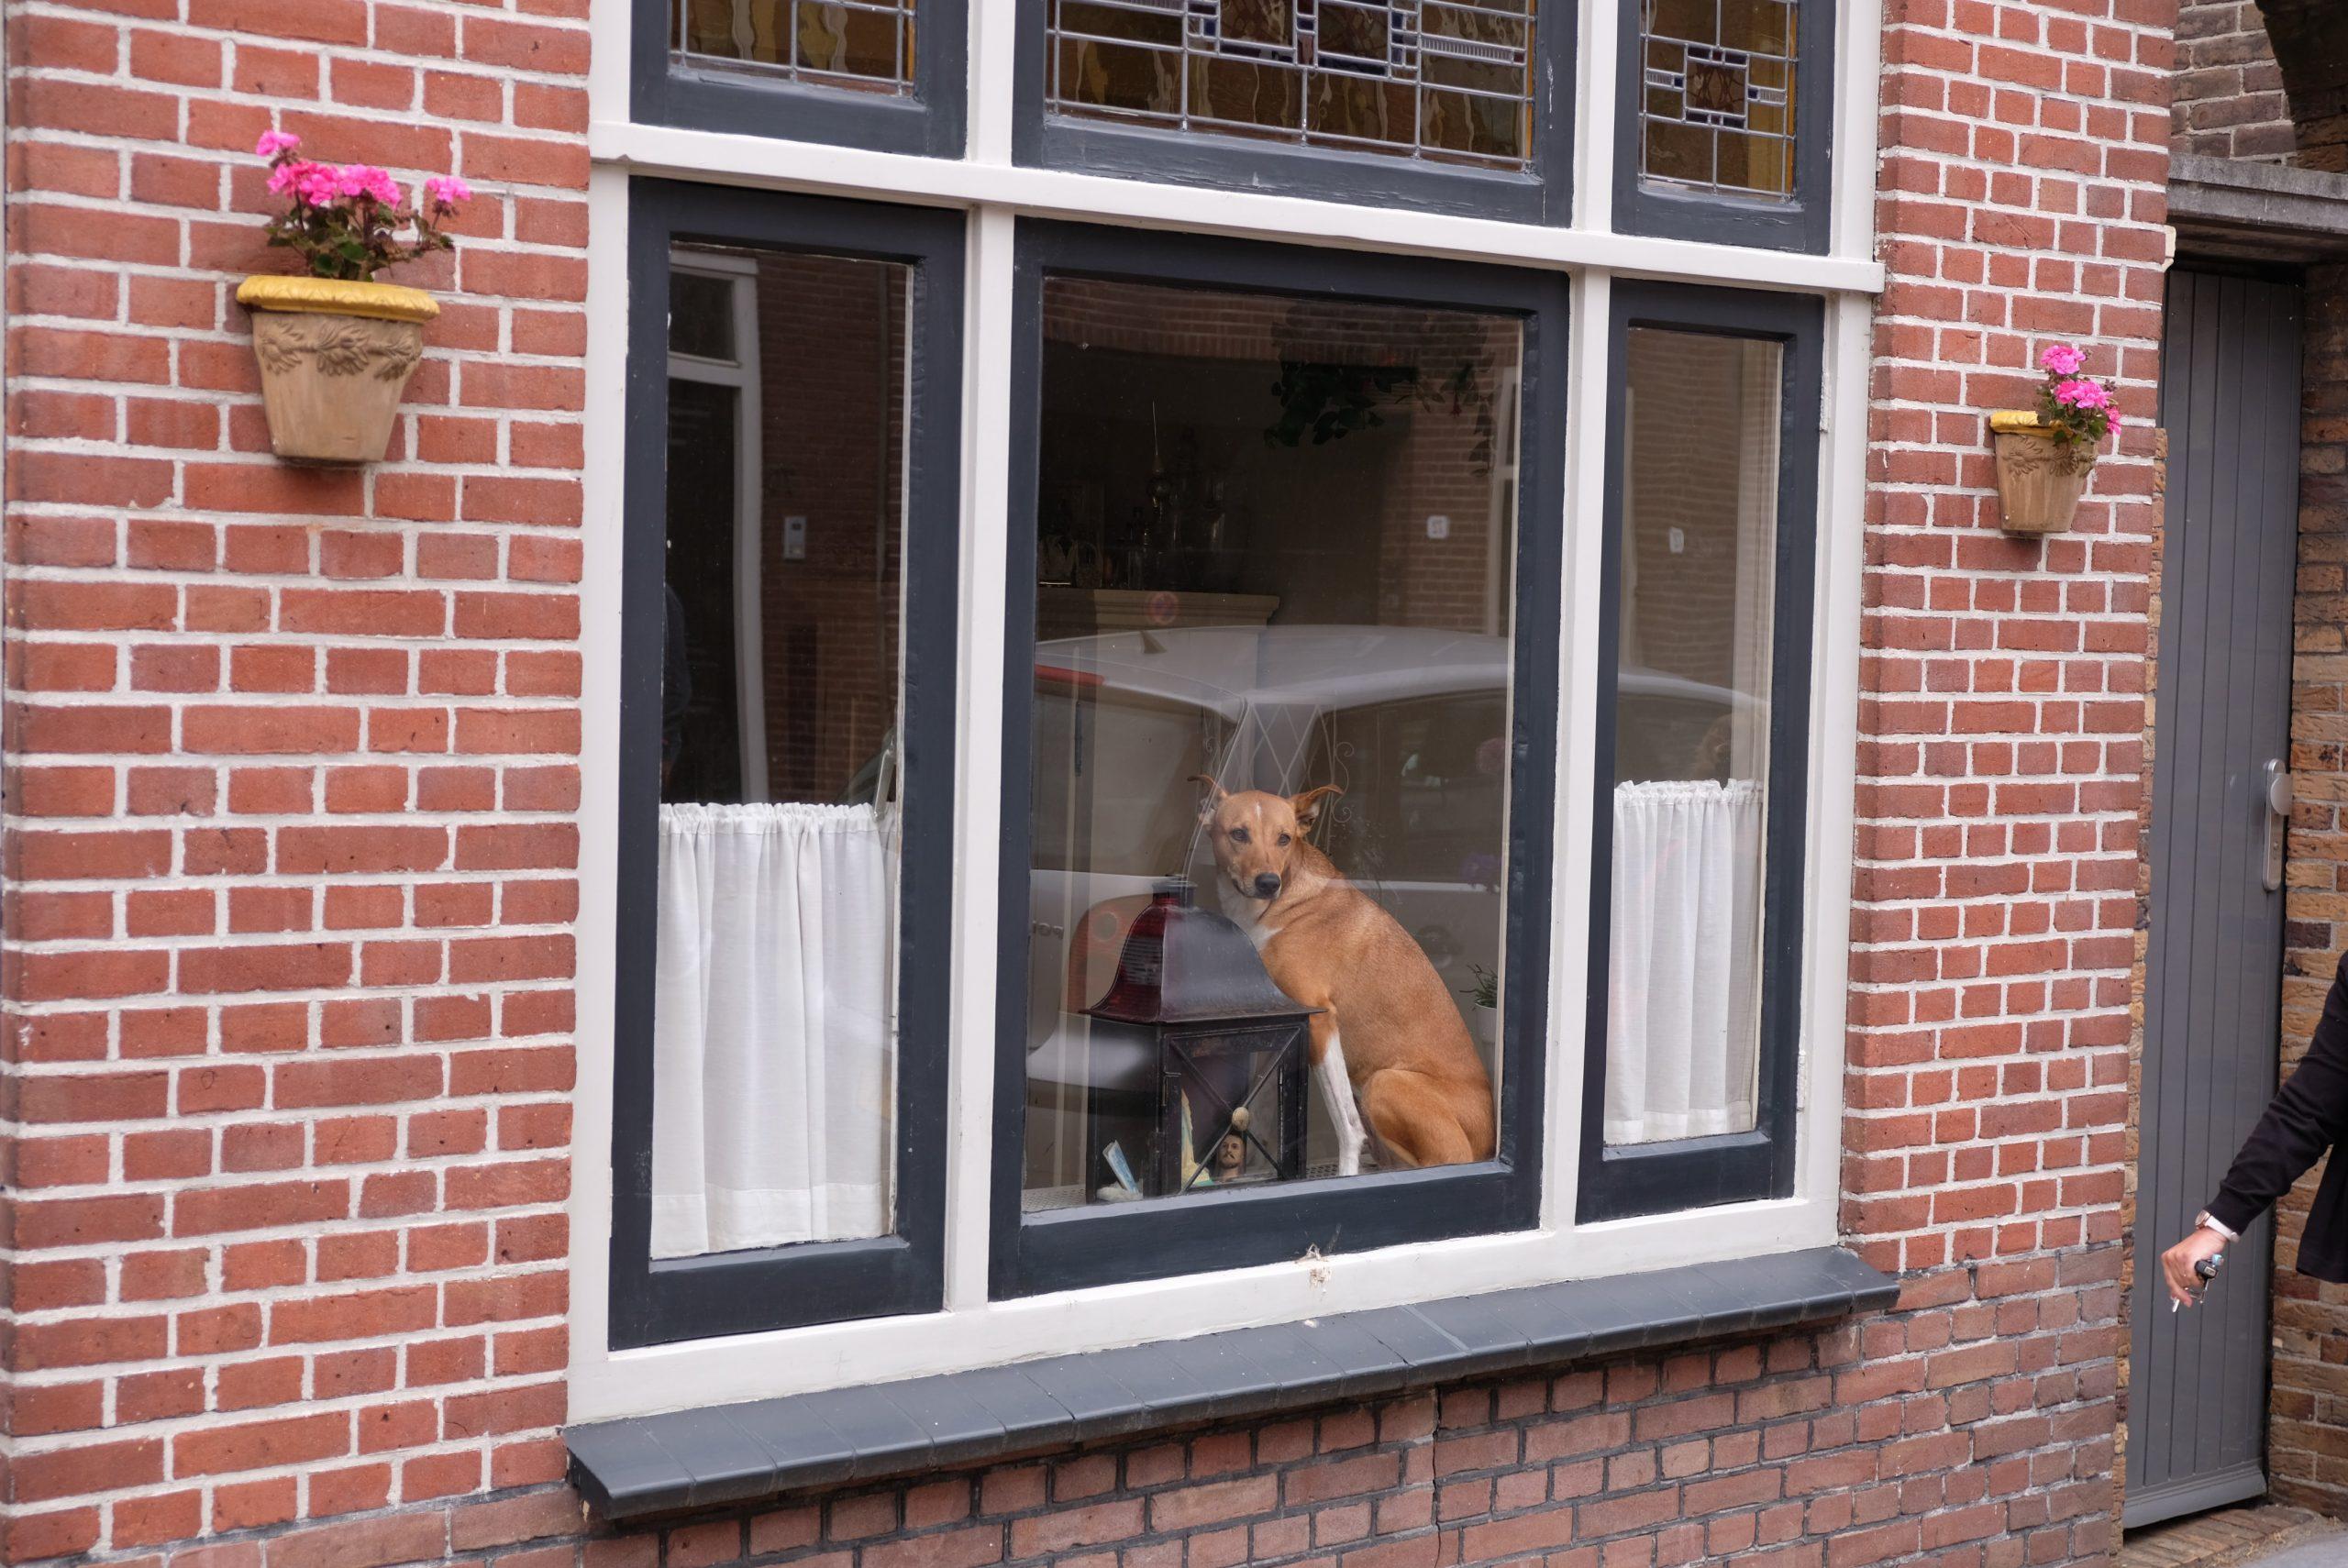 brown and black german shepherd dog on window